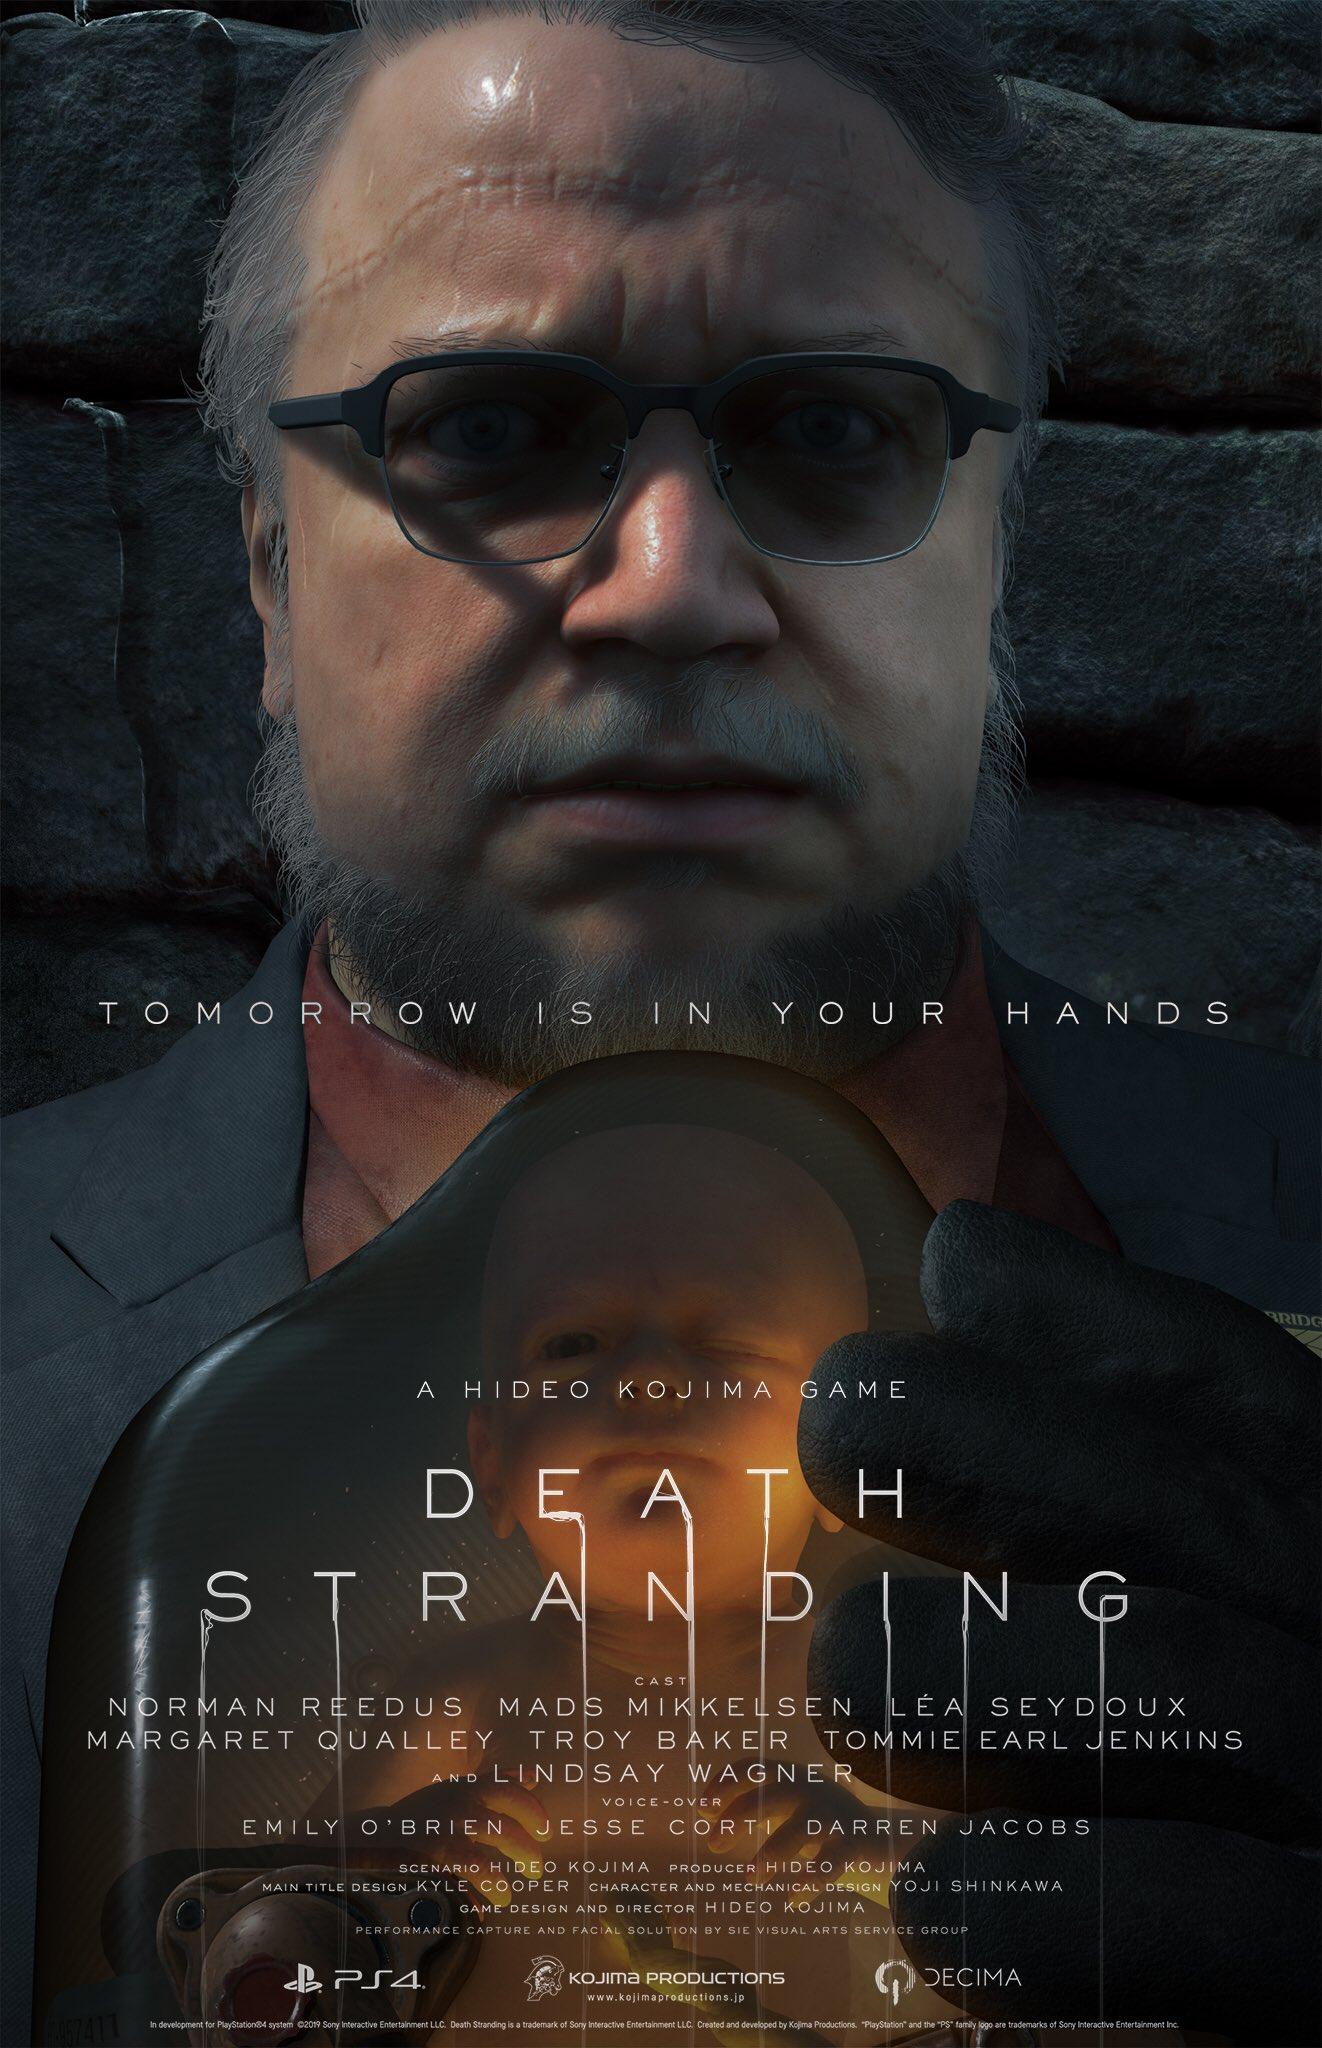 2 47 - 小島秀夫監督の『デス・ストランディング』発売日が11月8日に決定! 最新トレーラーも公開。神ゲーオーラに震えろ